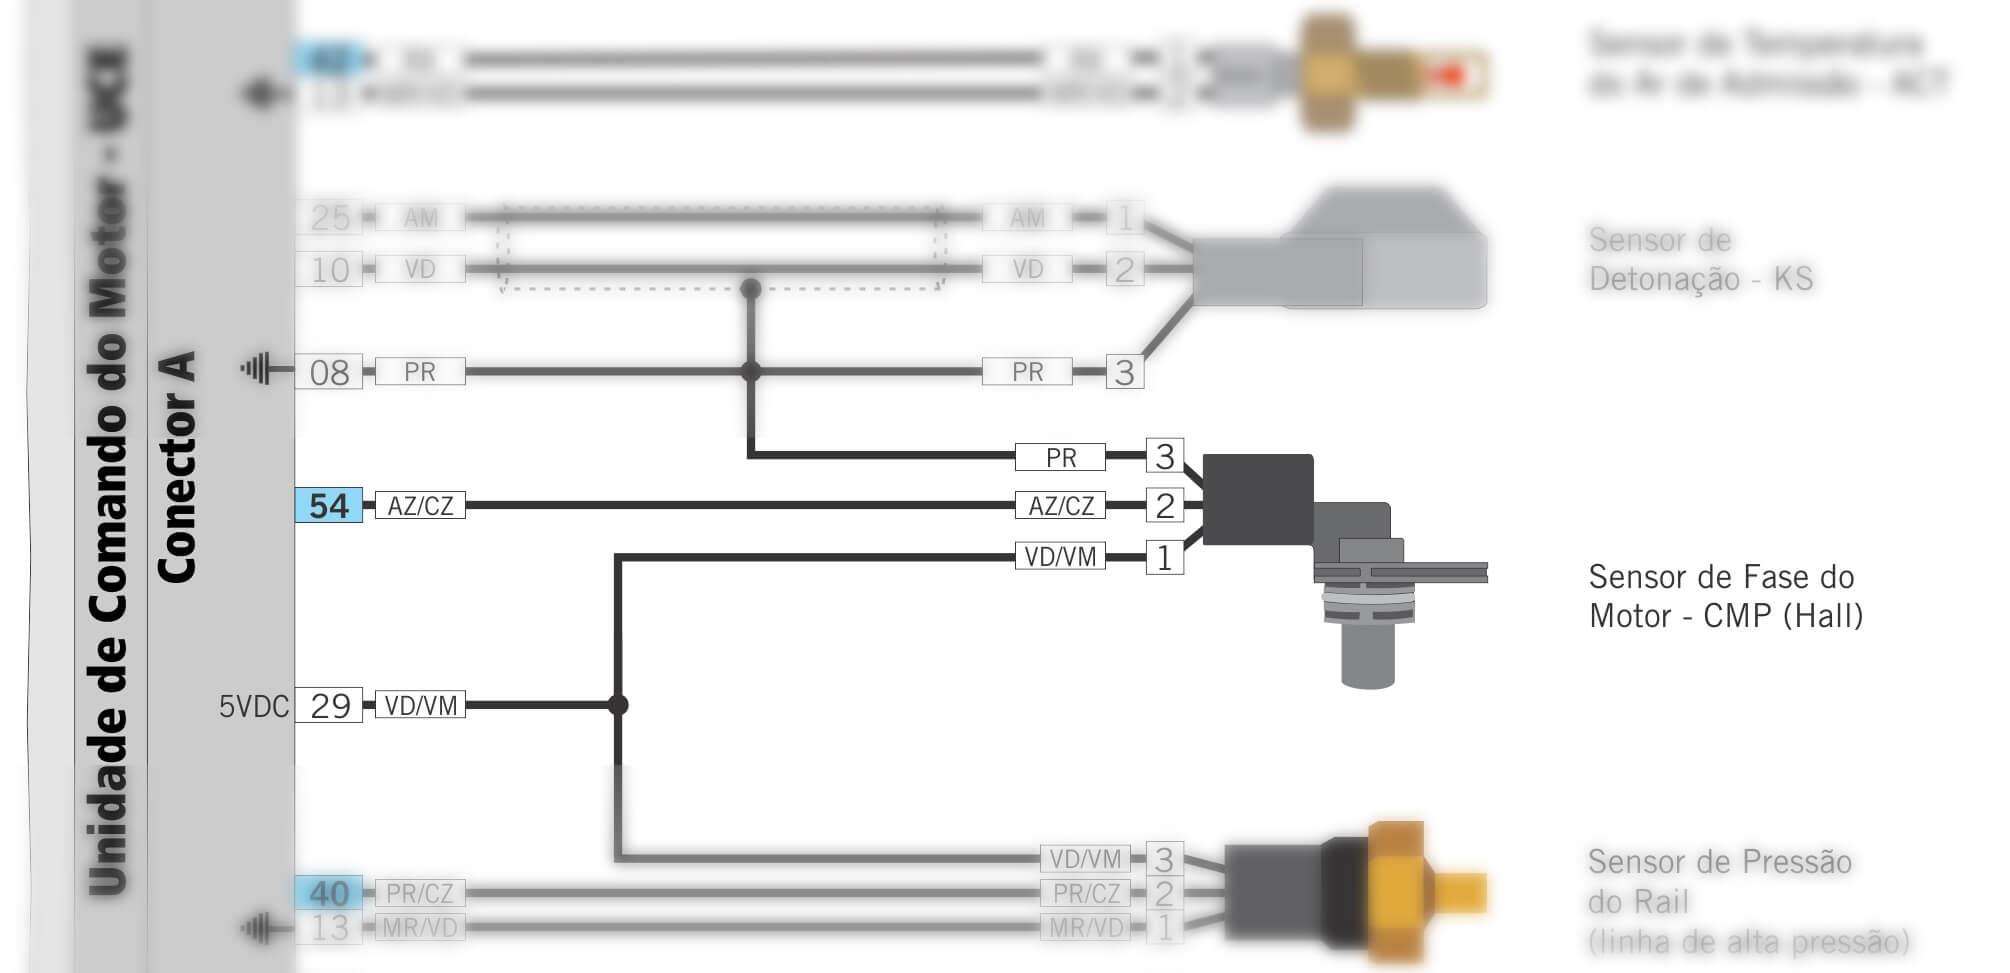 Diagrama elétrico da Enciclopédia Automotiva Doutor-IE Online para o veículo Audi A4 2.0 16V Turbo FSI 180cv.